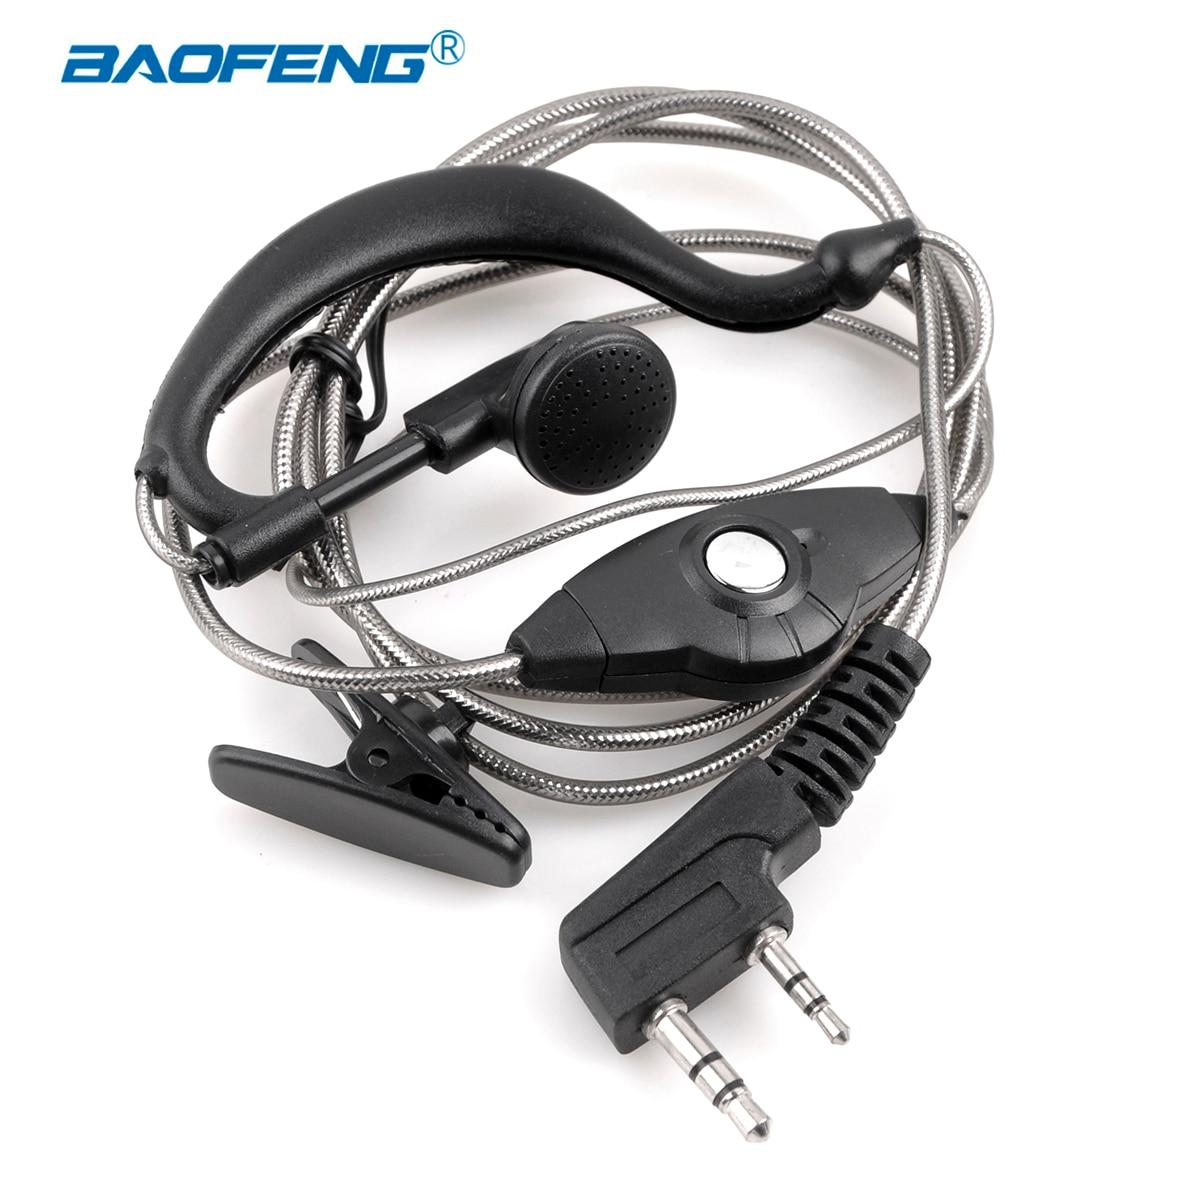 Talkie-walkie Baofeng écouteur uv 5r écouteurs PTT avec micro dans l'oreille crochet casque k port radio bidirectionnelle casque uv-5r bf-888s